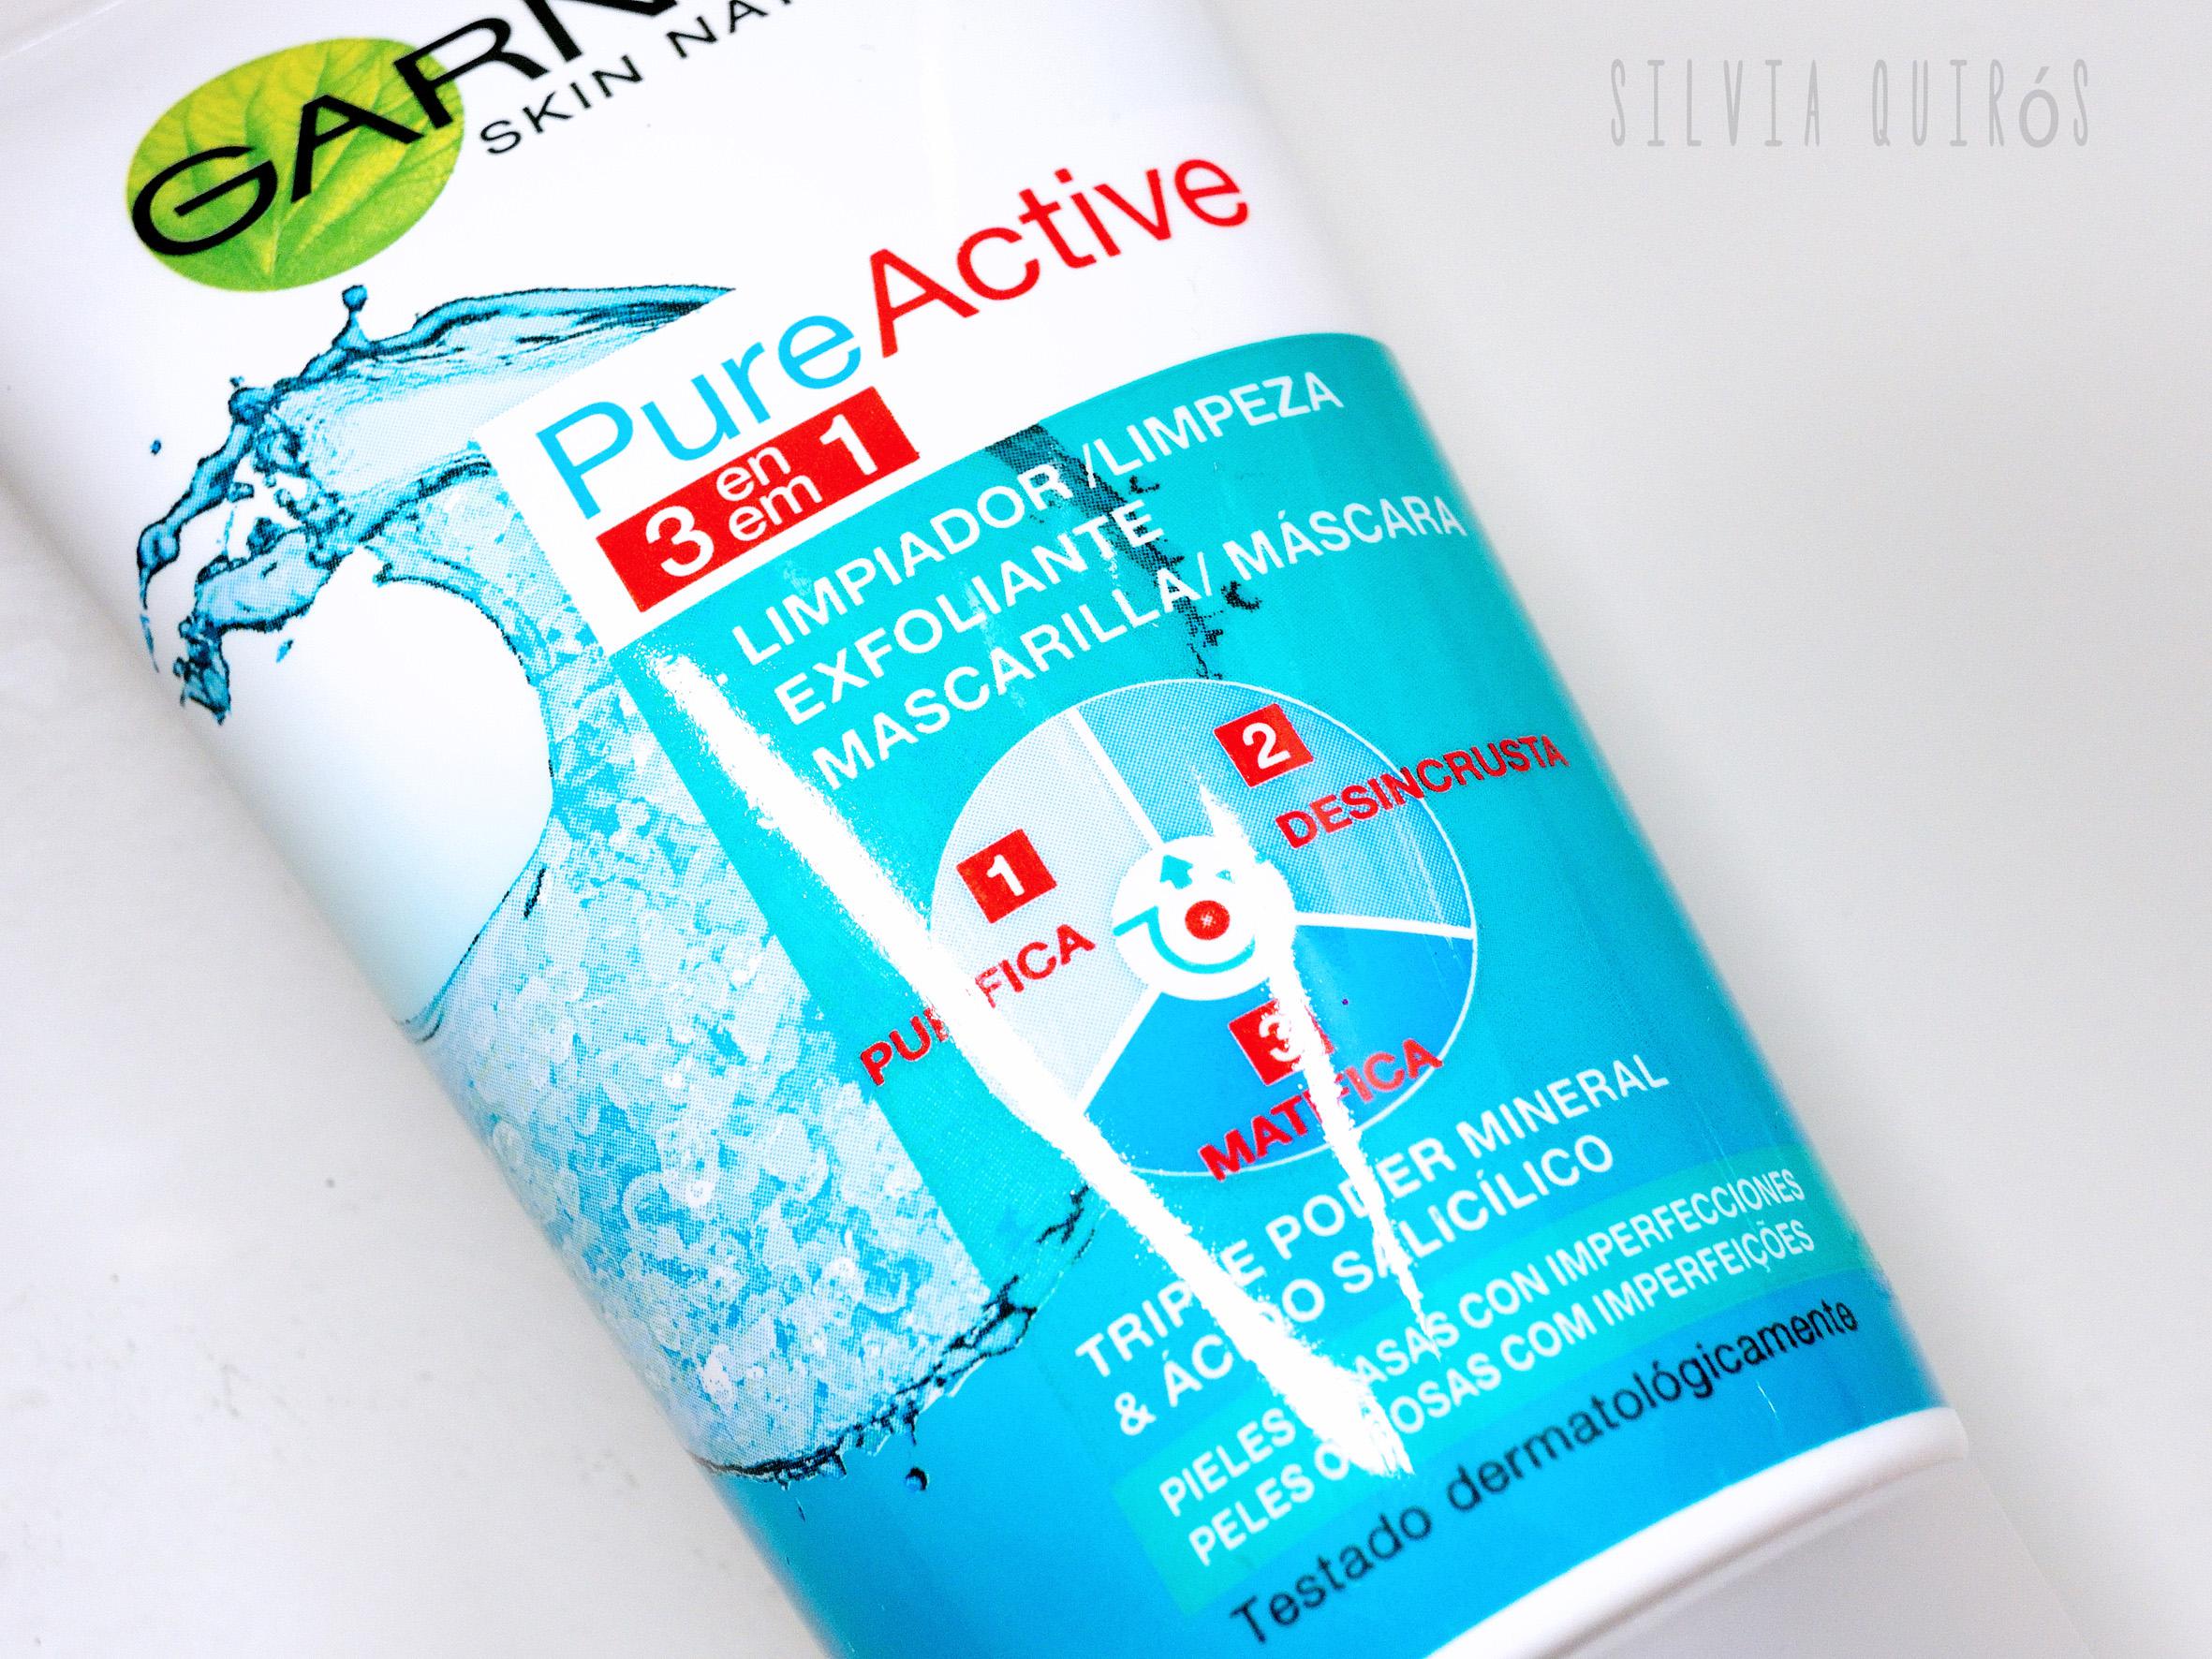 Nuevo Pure Active 3 en 1 de Garnier